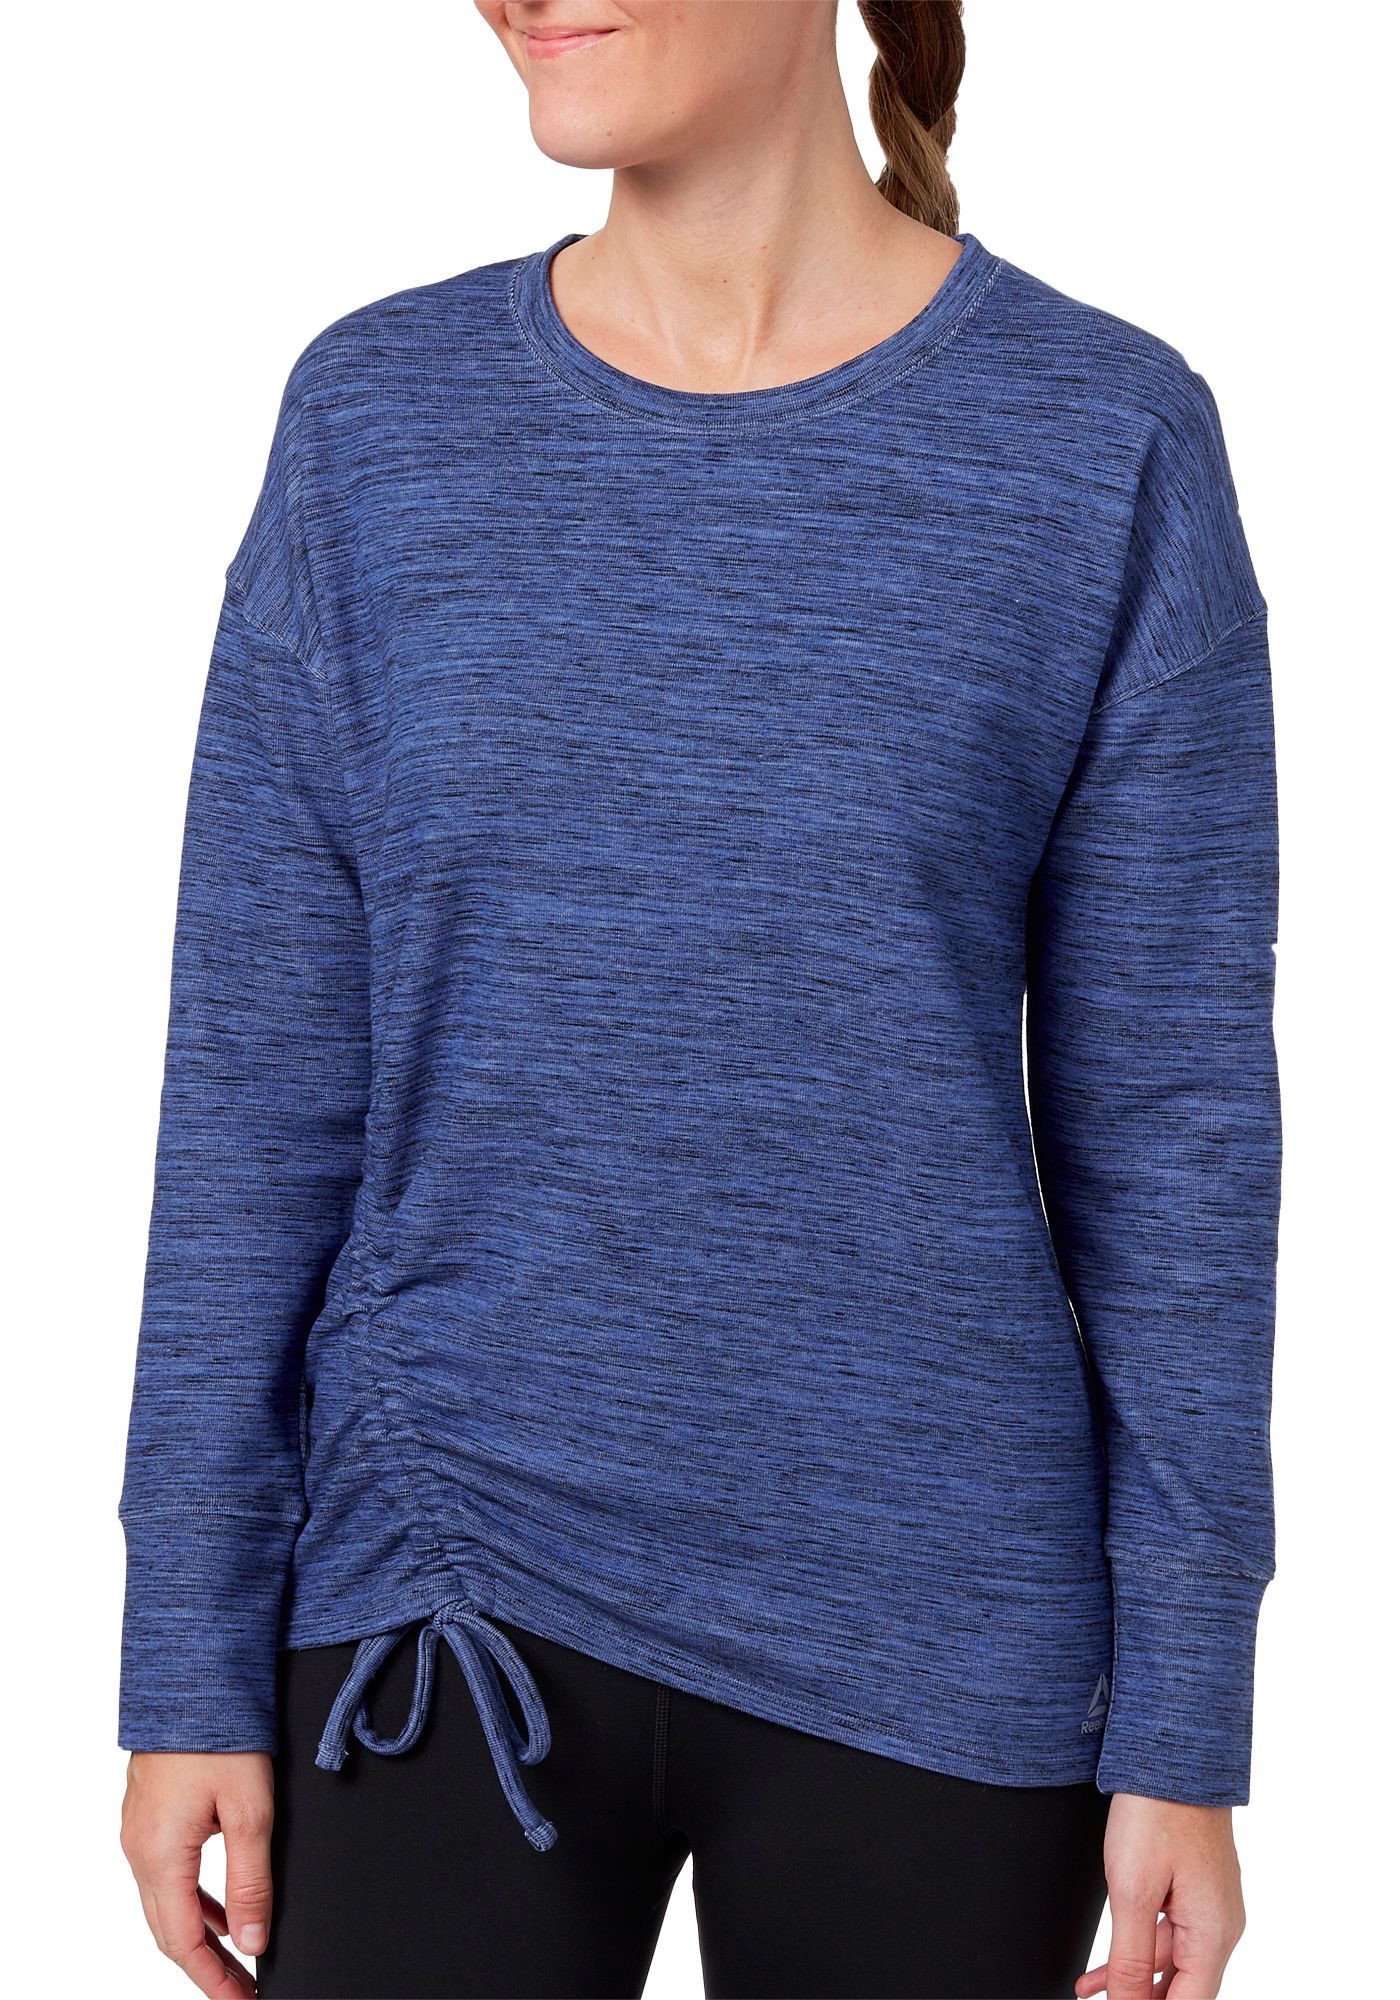 Reebok Women's Fleece Side Cinch Crew Sweatshirt